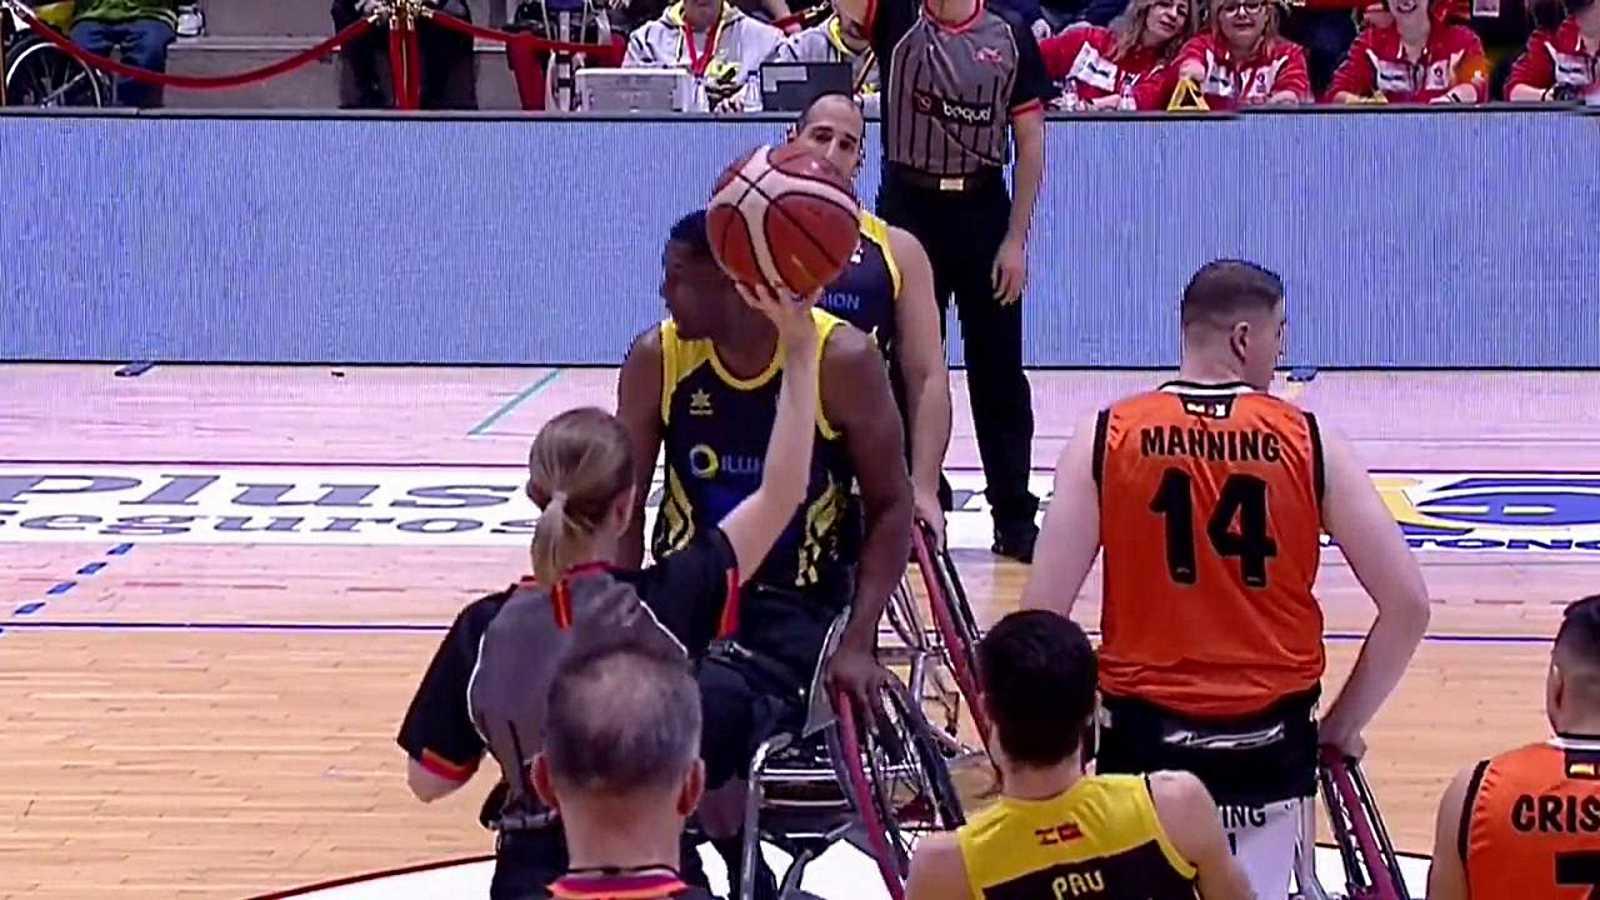 Baloncesto en silla de ruedas - Copa del Rey. Final: Amiab Albacete - CD Ilunion - ver ahora